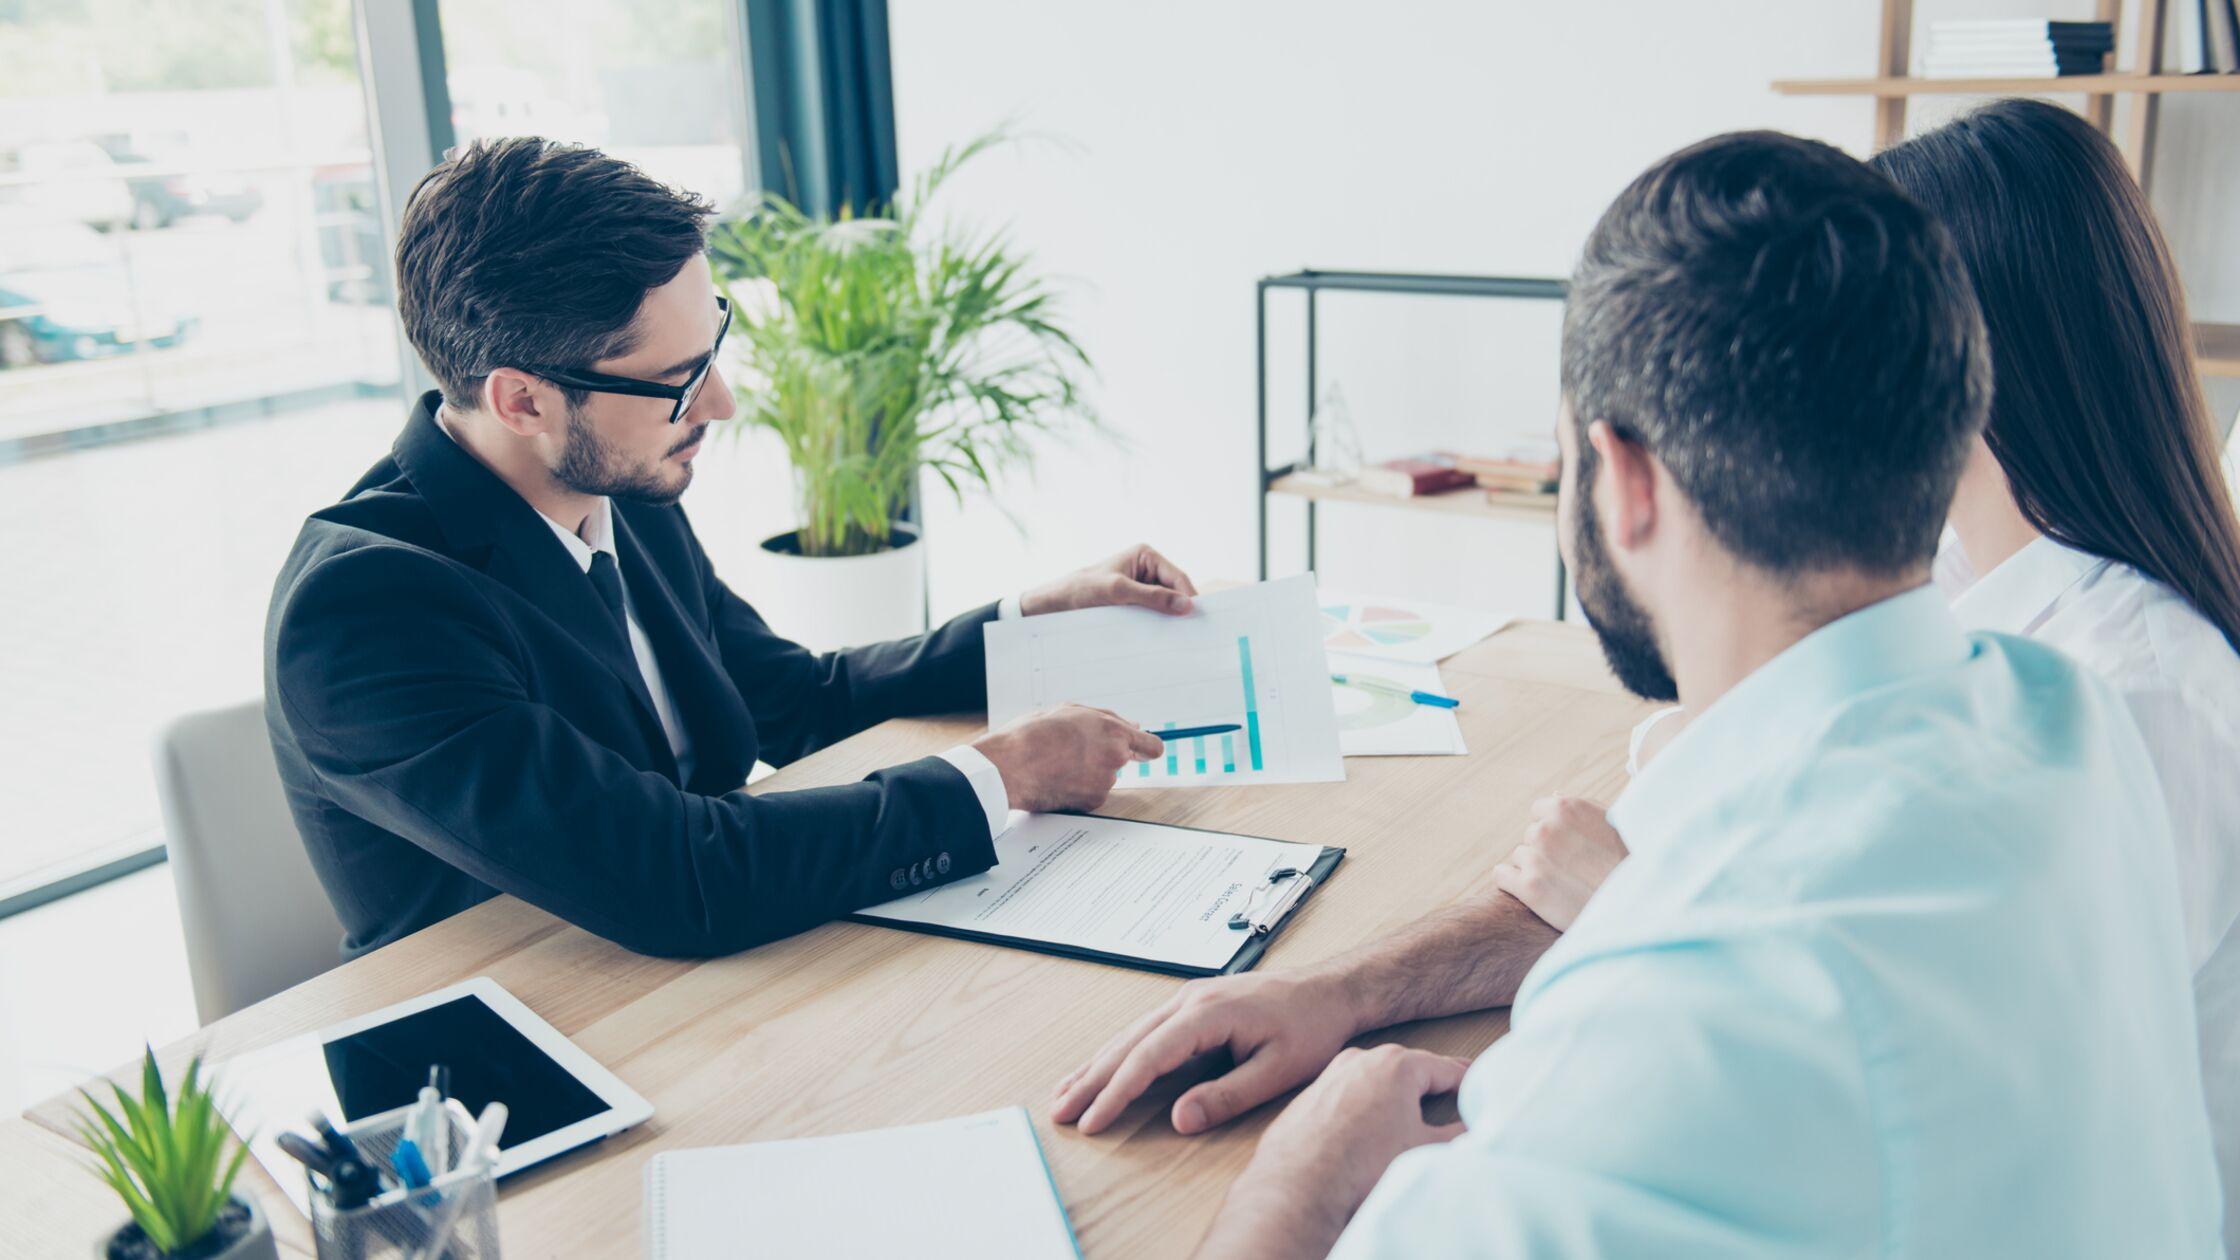 Drei Personen sitzen an einem Tisch und schauen auf ein Textdokument